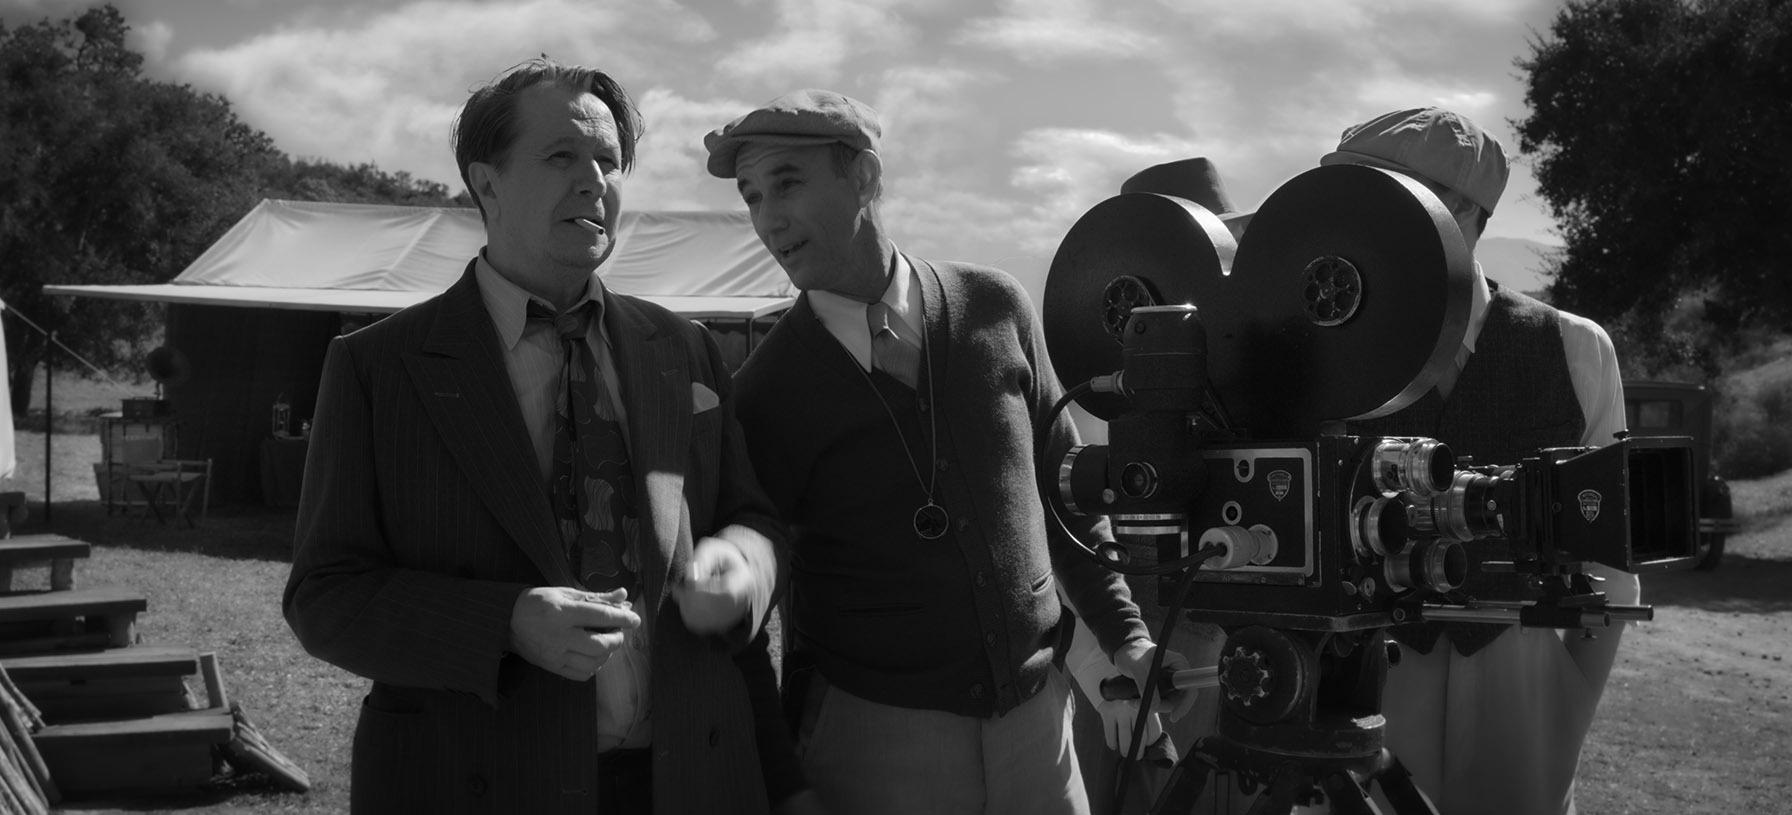 Mank, la épica del cine del Hollywood clásico